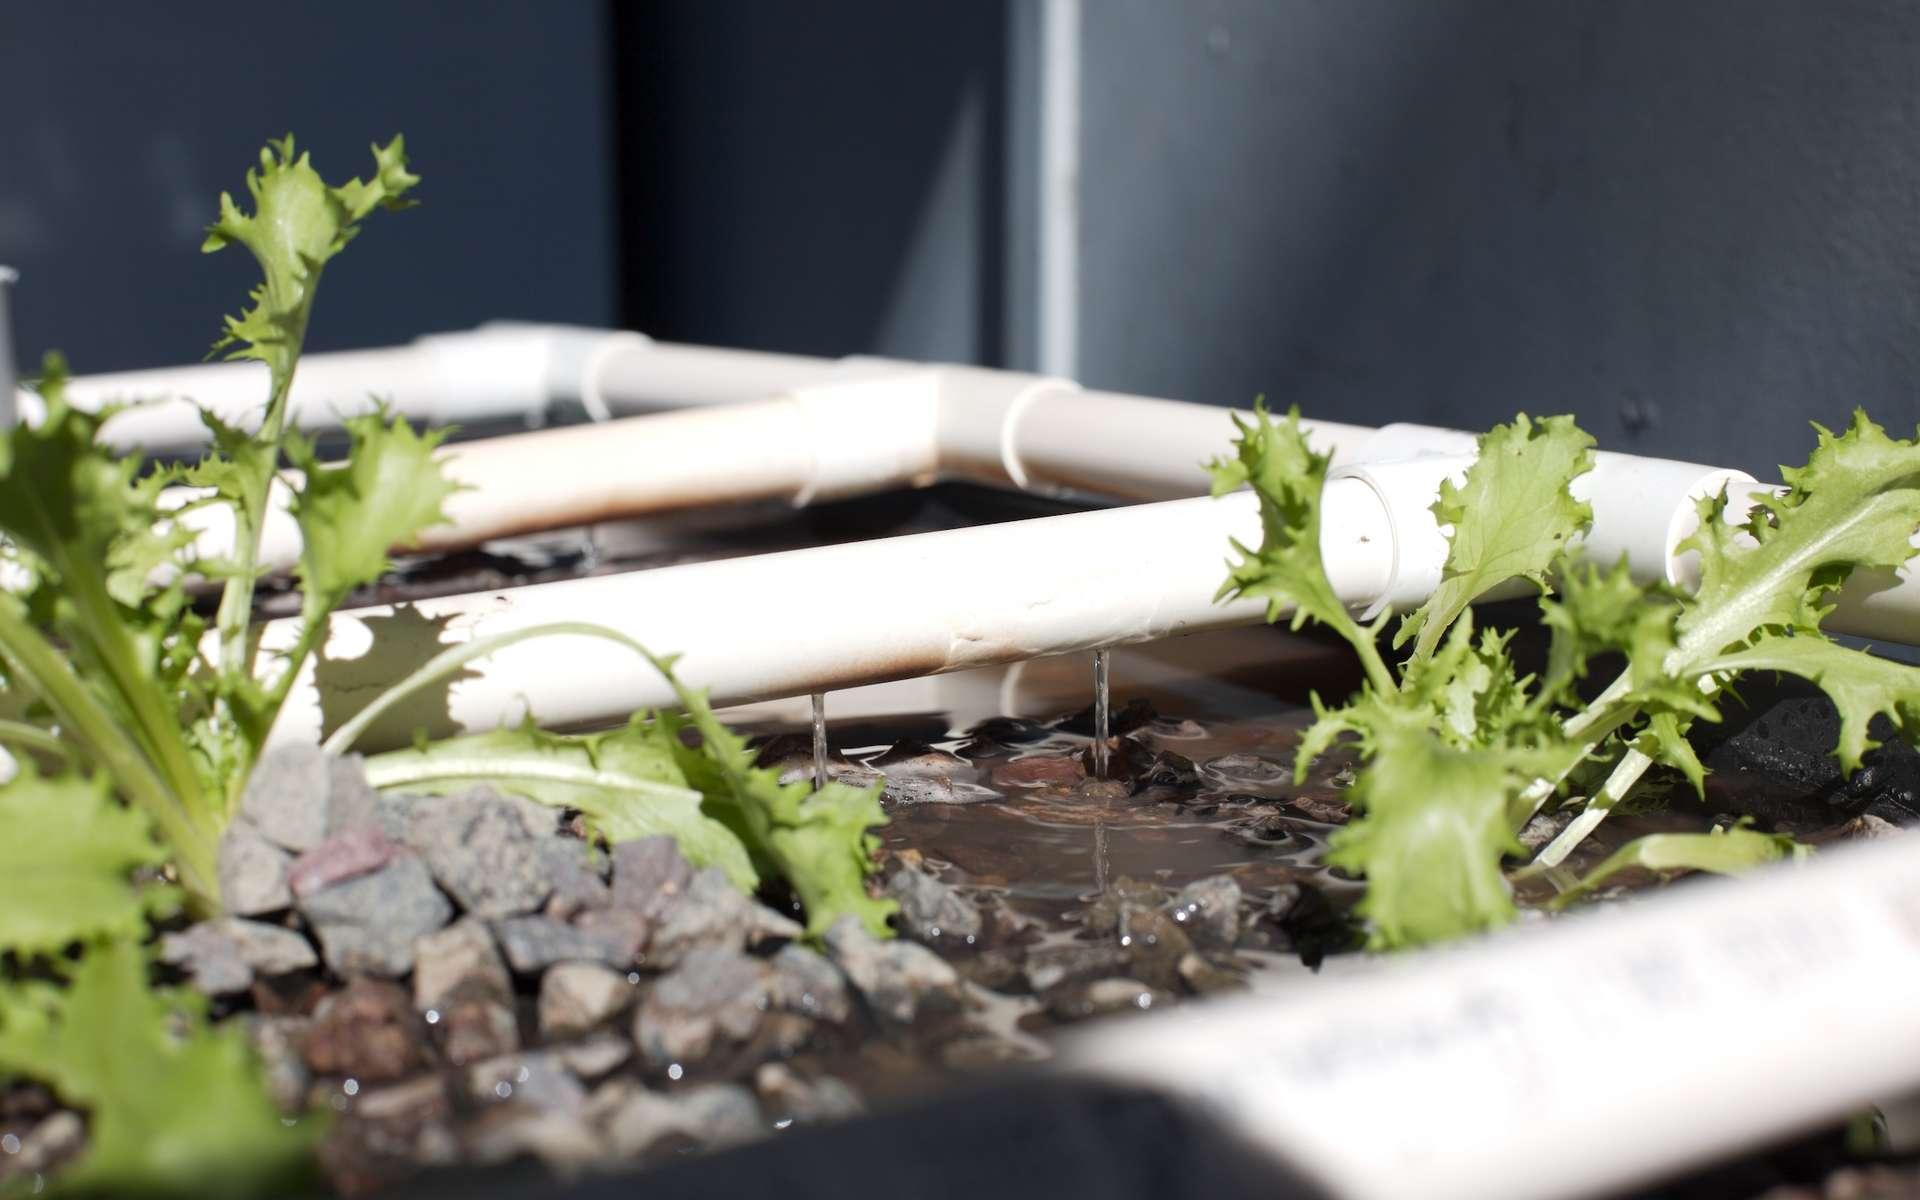 L'aquaponie est un système circulaire alliant la culture de plantes et l'élevage de poissons. © Bruno Mattarollo, Flickr